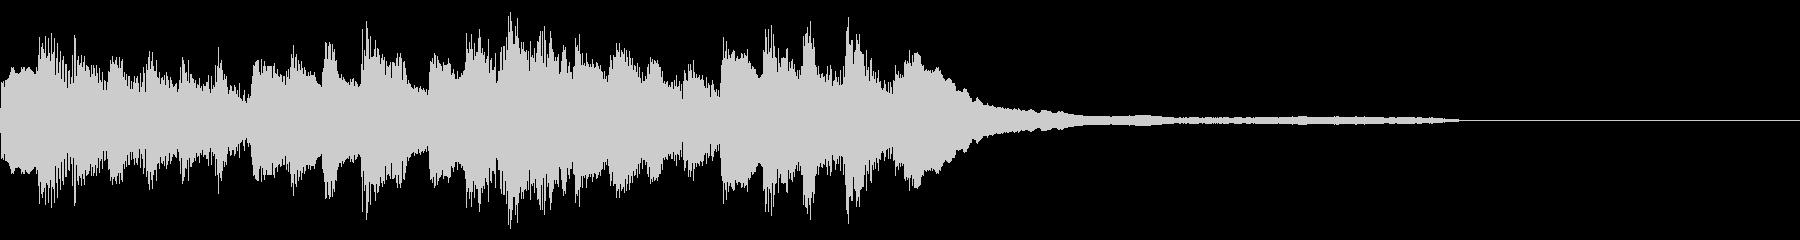 透明感、浮遊感があるピアノジングルの未再生の波形